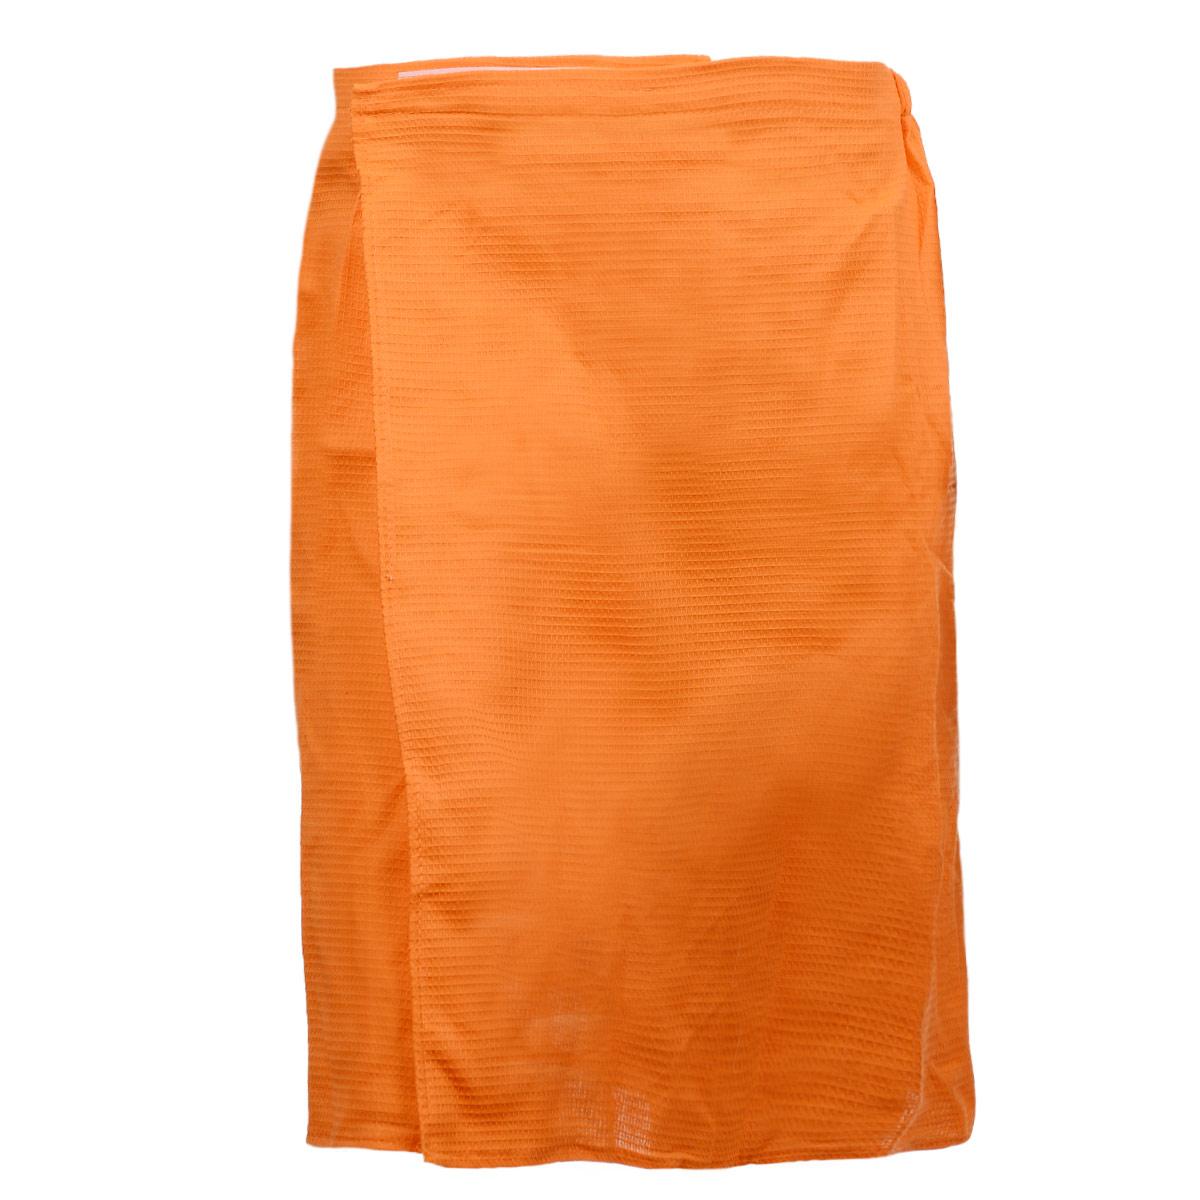 Килт для бани и сауны Банные штучки, мужской, цвет: оранжевый32060 оранжевыйВафельный килт для бани и сауны Банные штучки, выполненный из натурального хлопка, привлечет внимание любителей модных тенденций в банной одежде.Килт - это многофункциональное полотенце специального покроя с резинкой и застежкой. В парилке можно лежать на нем, после душа вытираться, а во время отдыха использовать как удобную накидку.Длина килта: 60 см.Ширина килта: 145 см.Размер: 36-60.